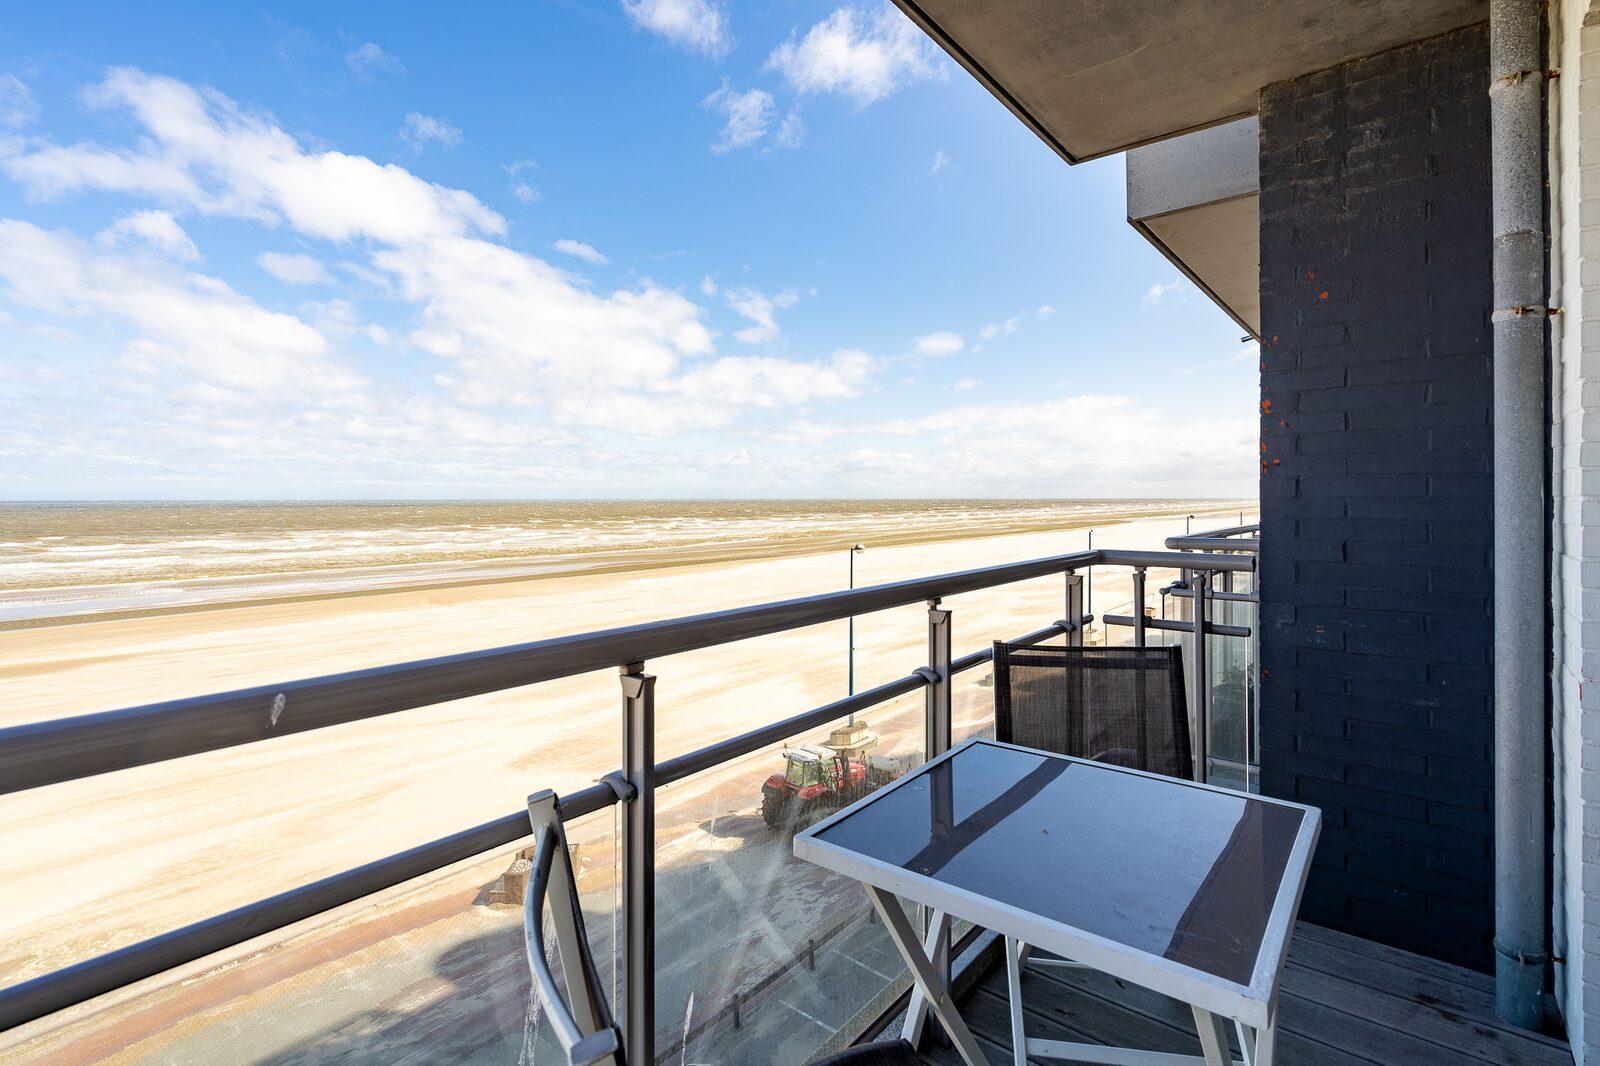 Vakantieverblijf voor 6 personen met balkon en zeezicht